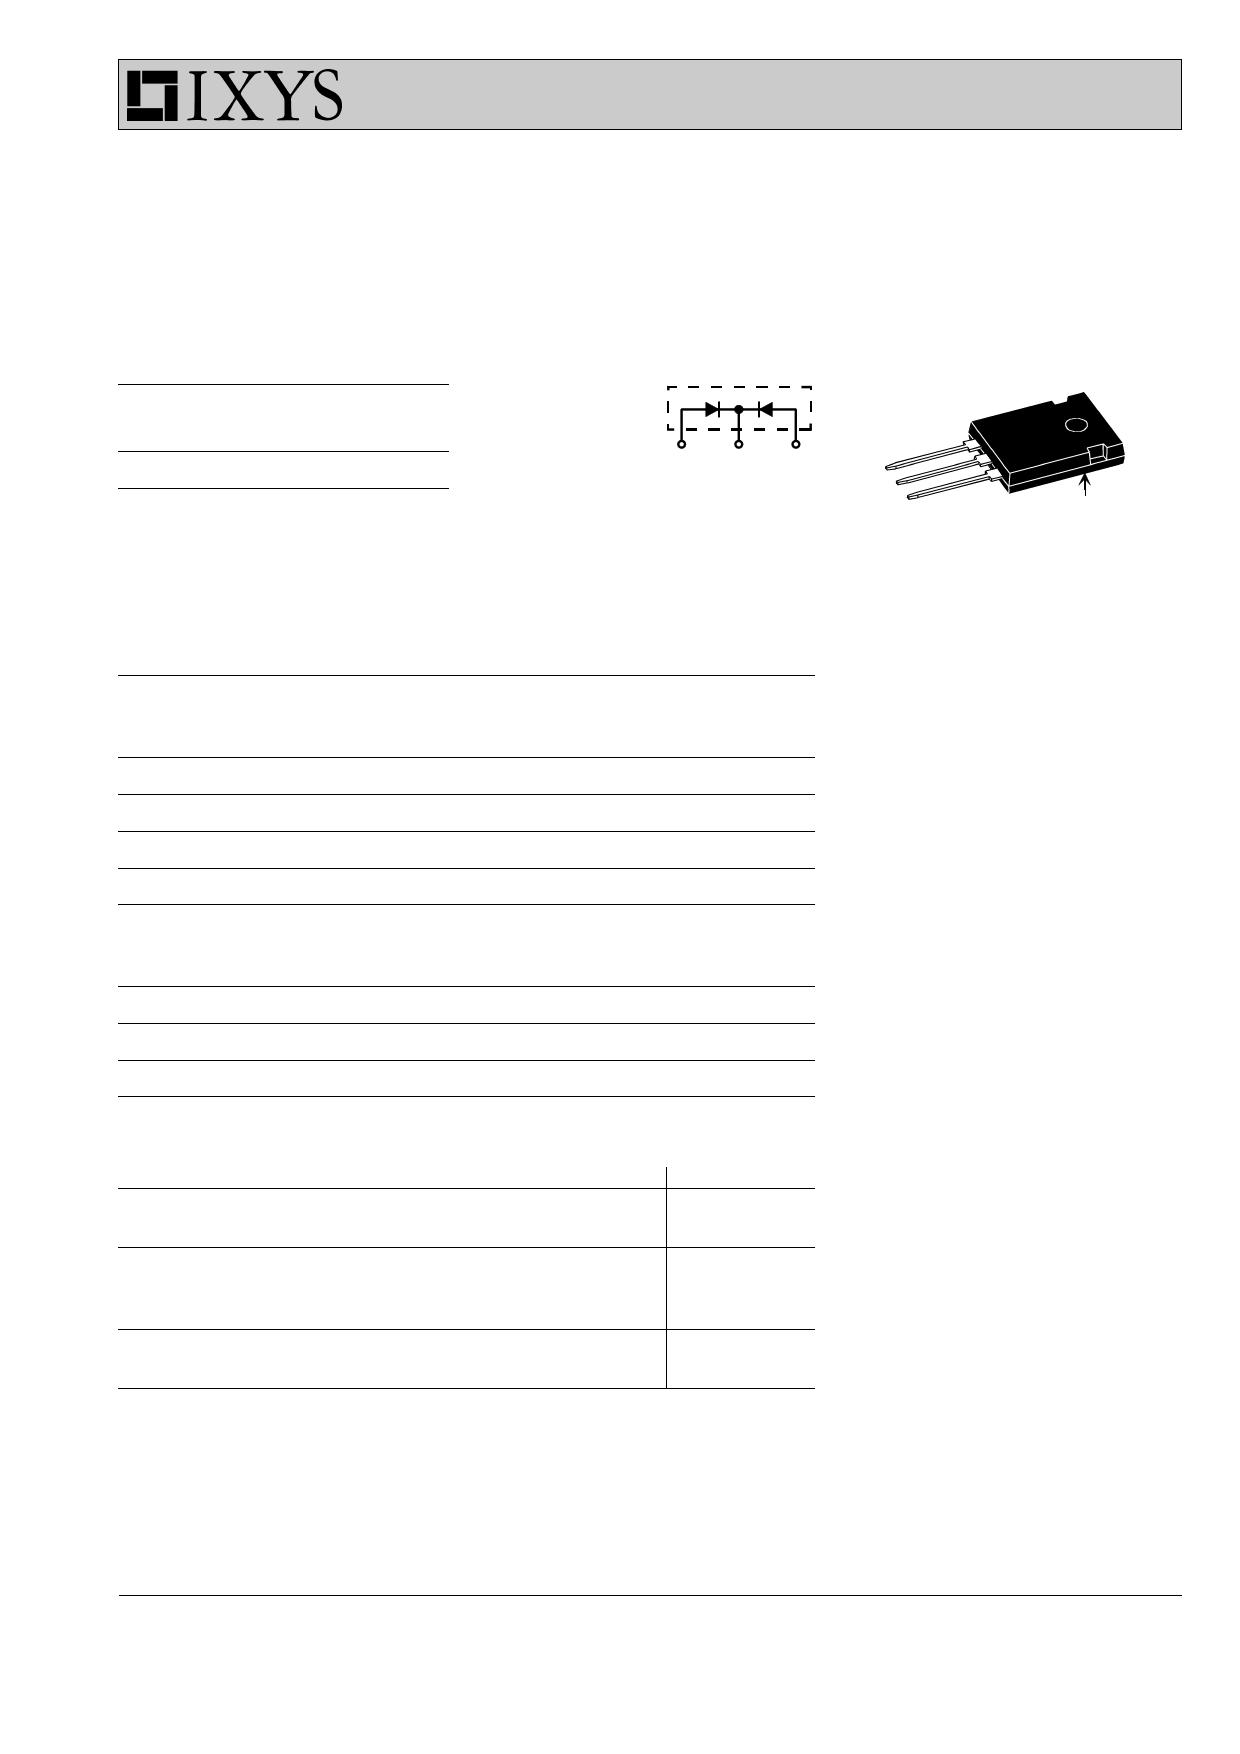 L221 datasheet